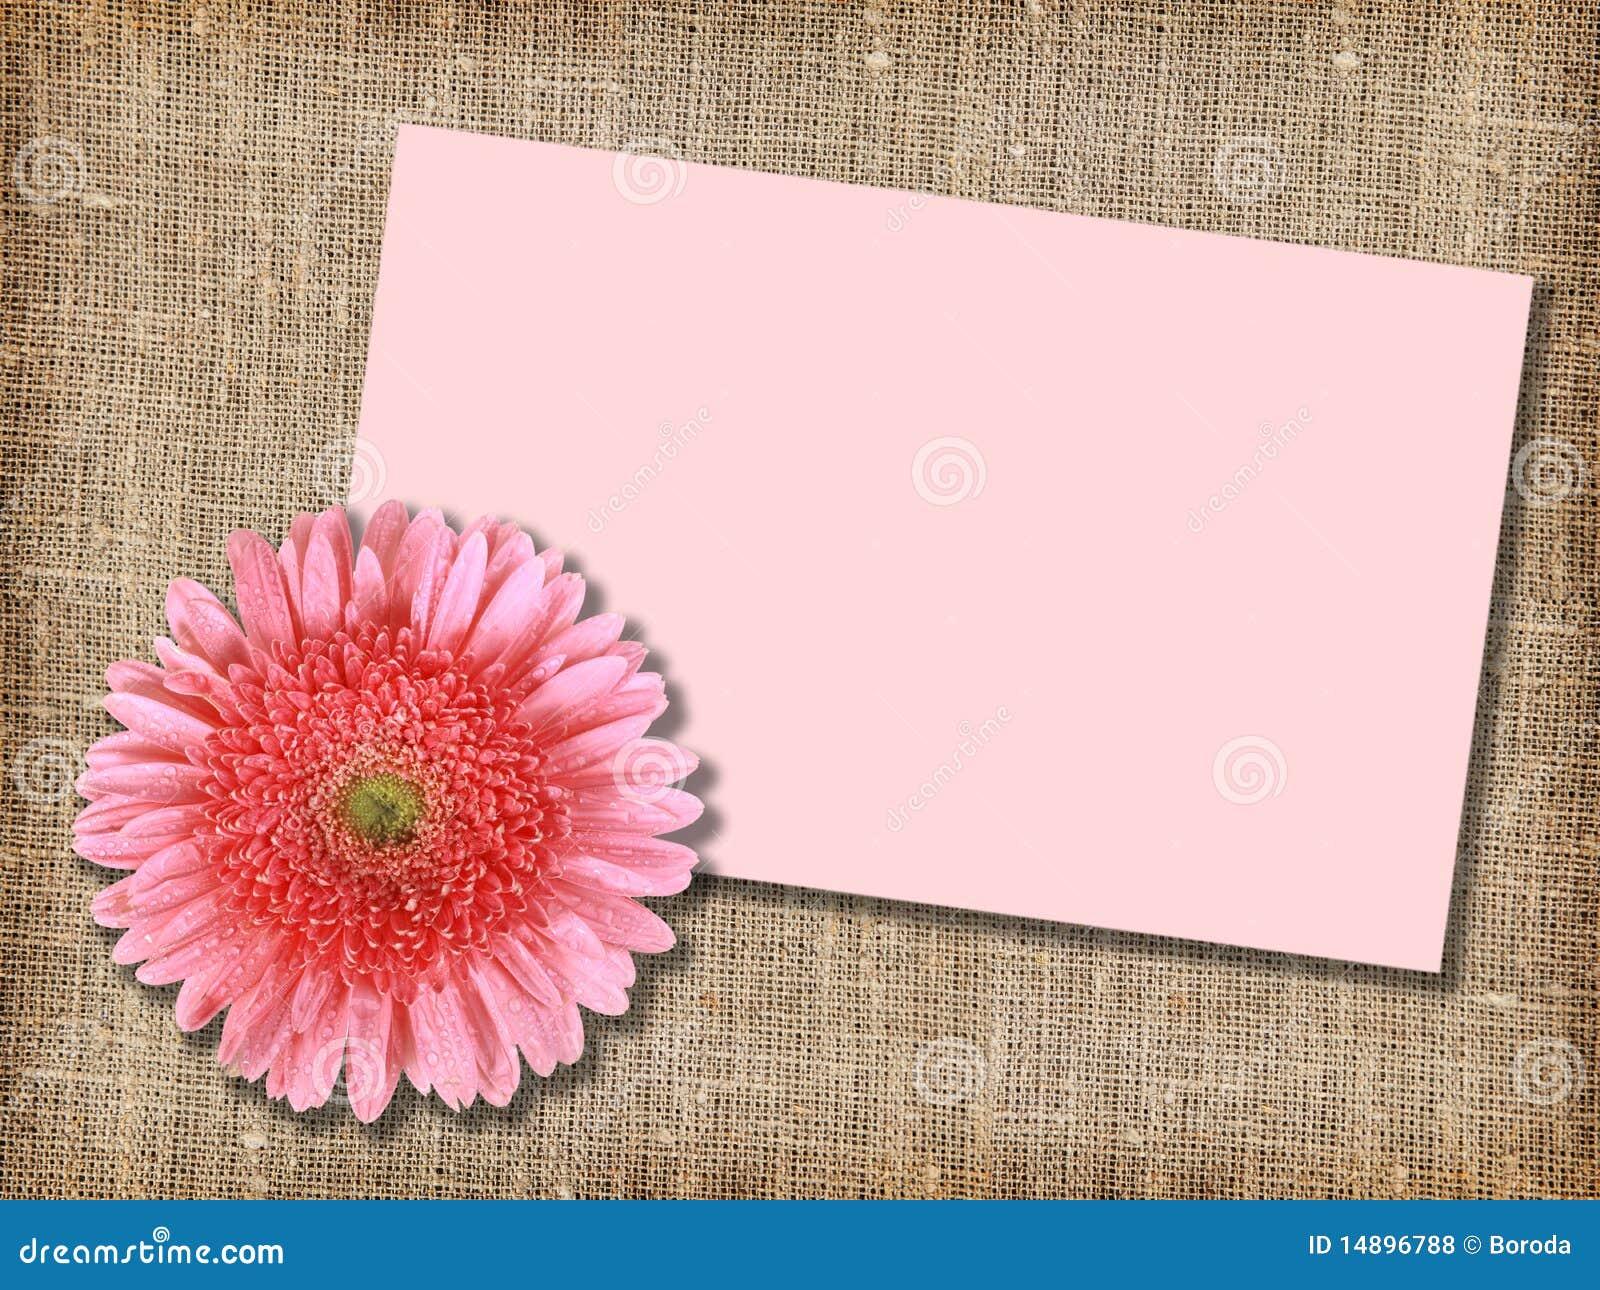 Fleur rose avec carte id e d 39 image de fleur for Livraison fleurs avec message